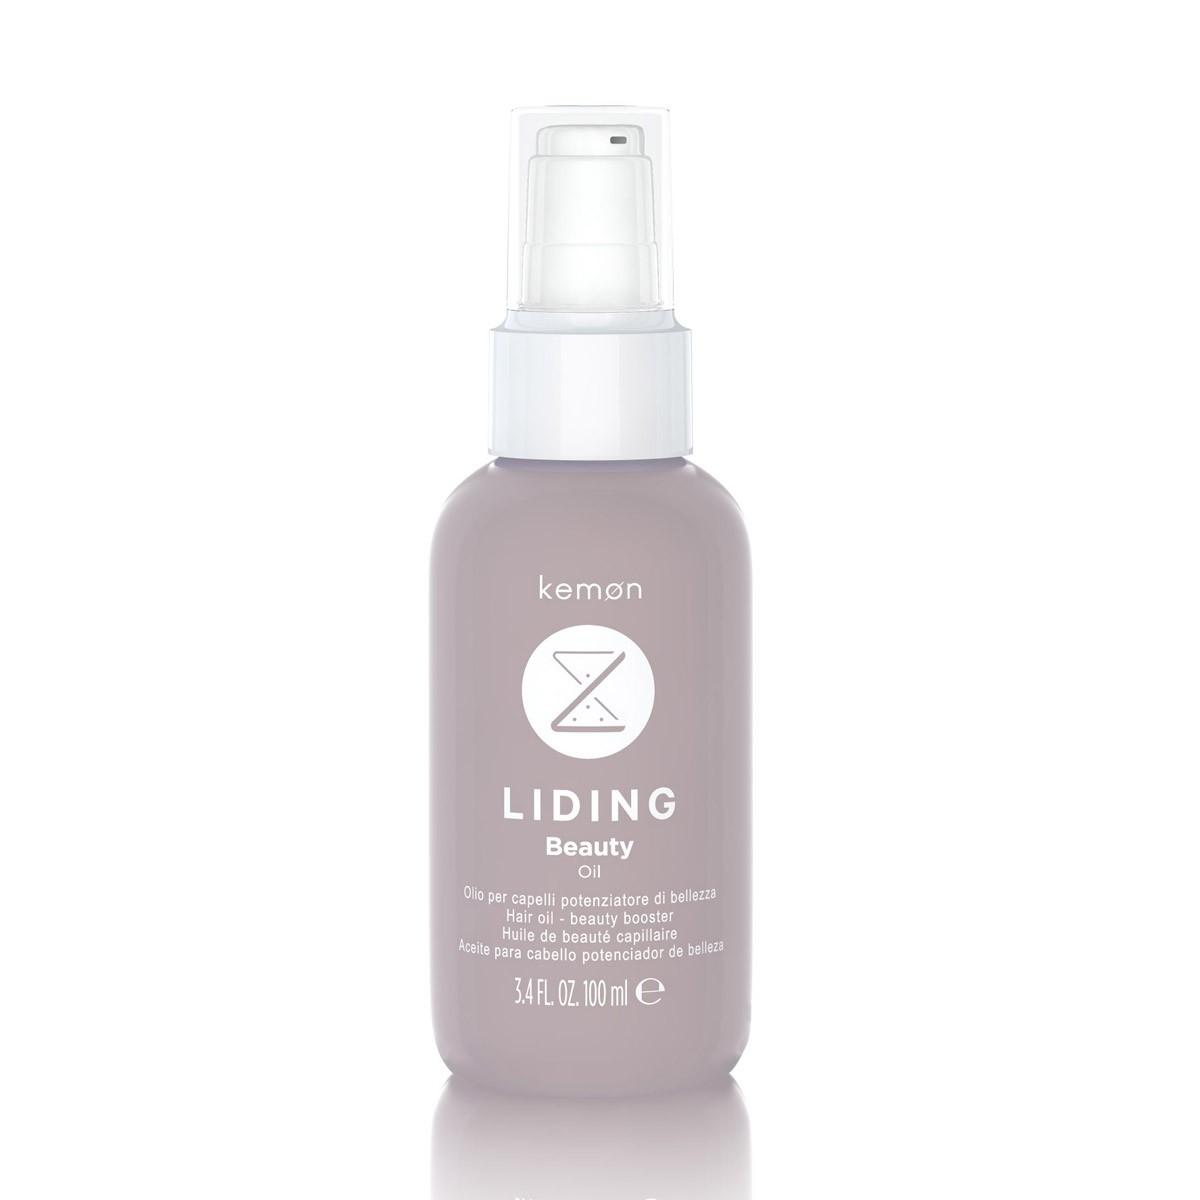 KEMON Liding Beauty Oil 100ml - Olejek nawilżający i regenerujący